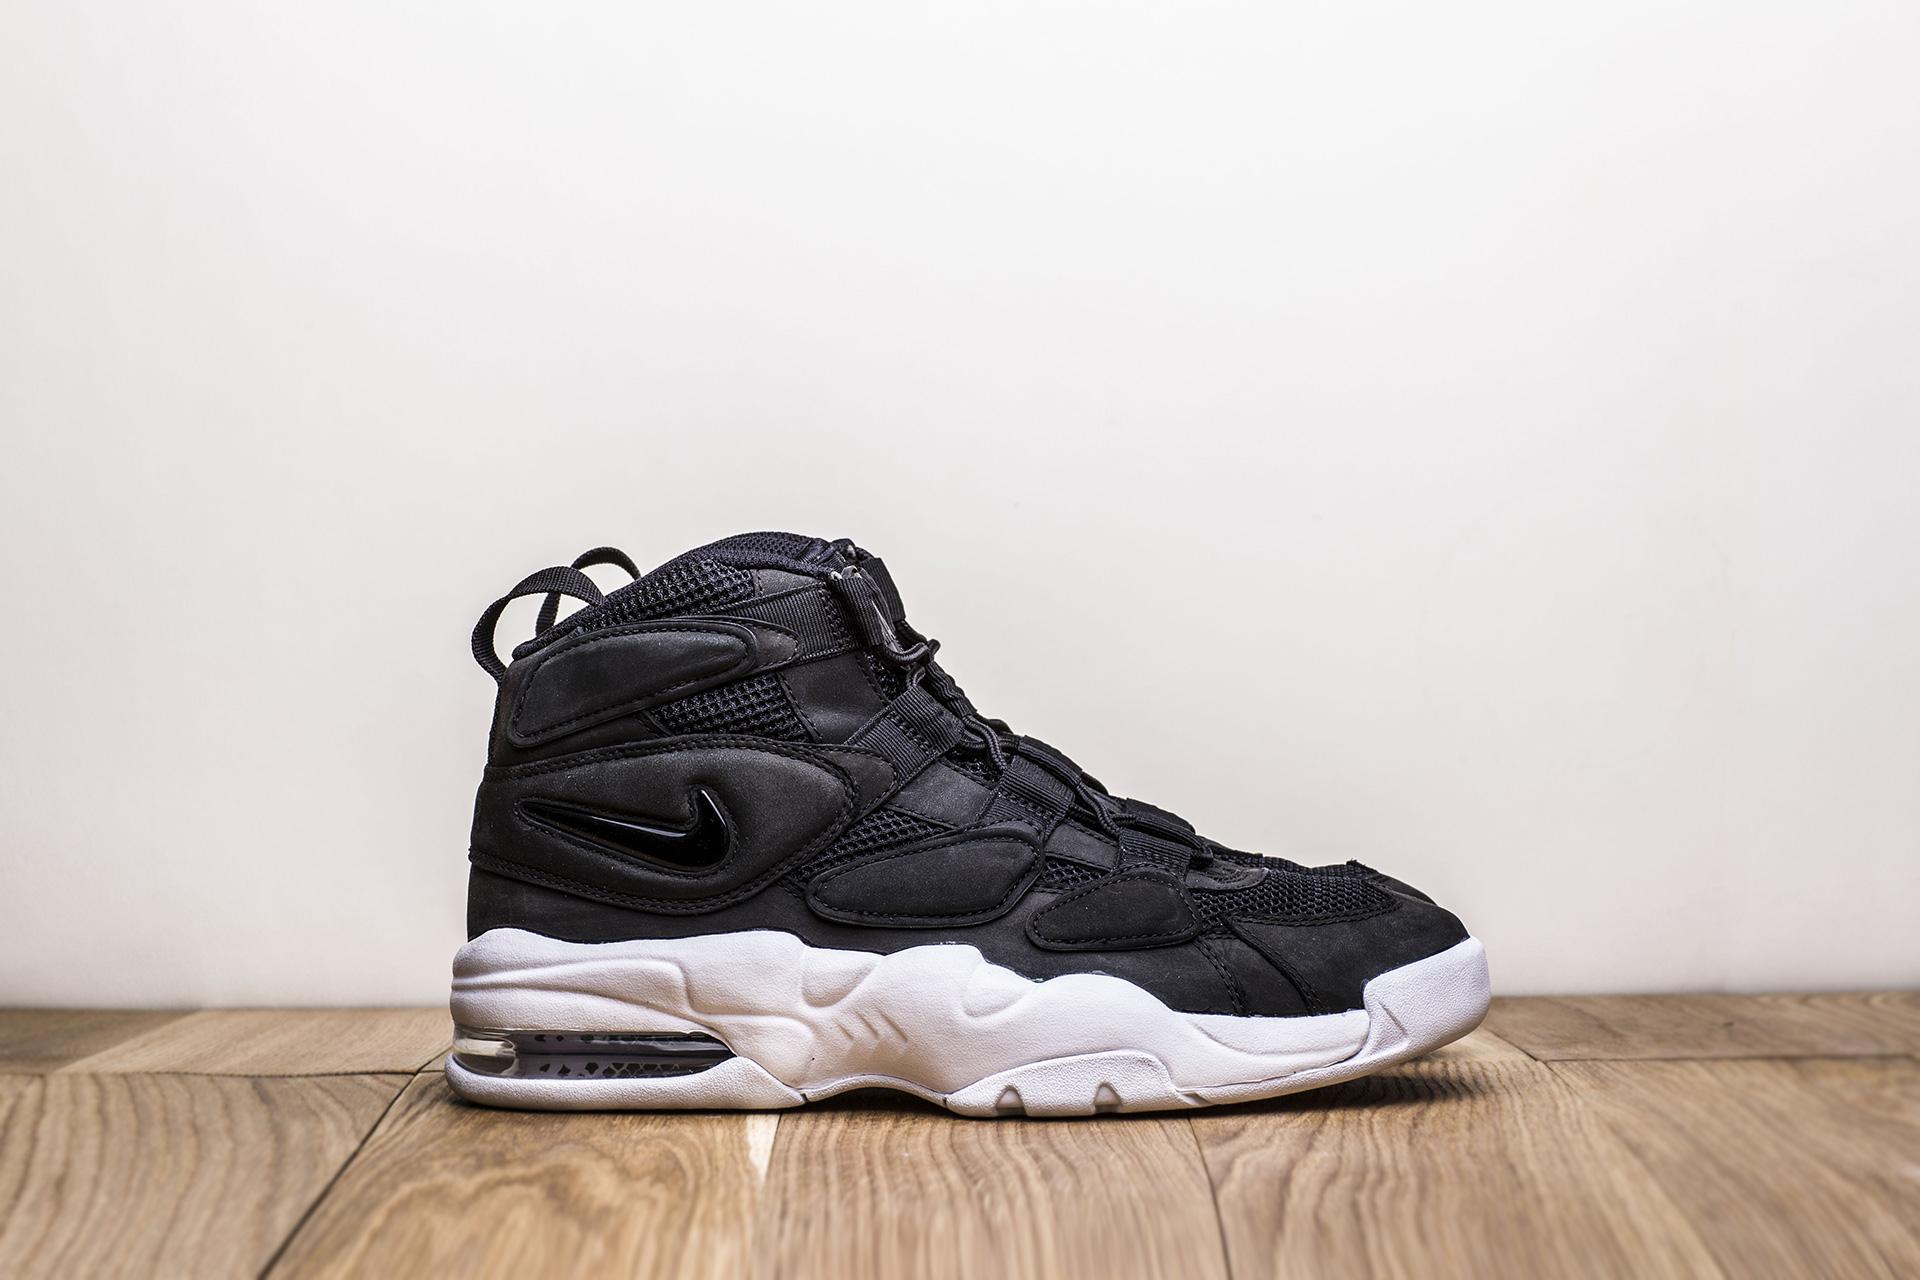 ab30d851 Купить черные мужские кроссовки Air Max 2 Uptempo QS от Nike (919831 ...